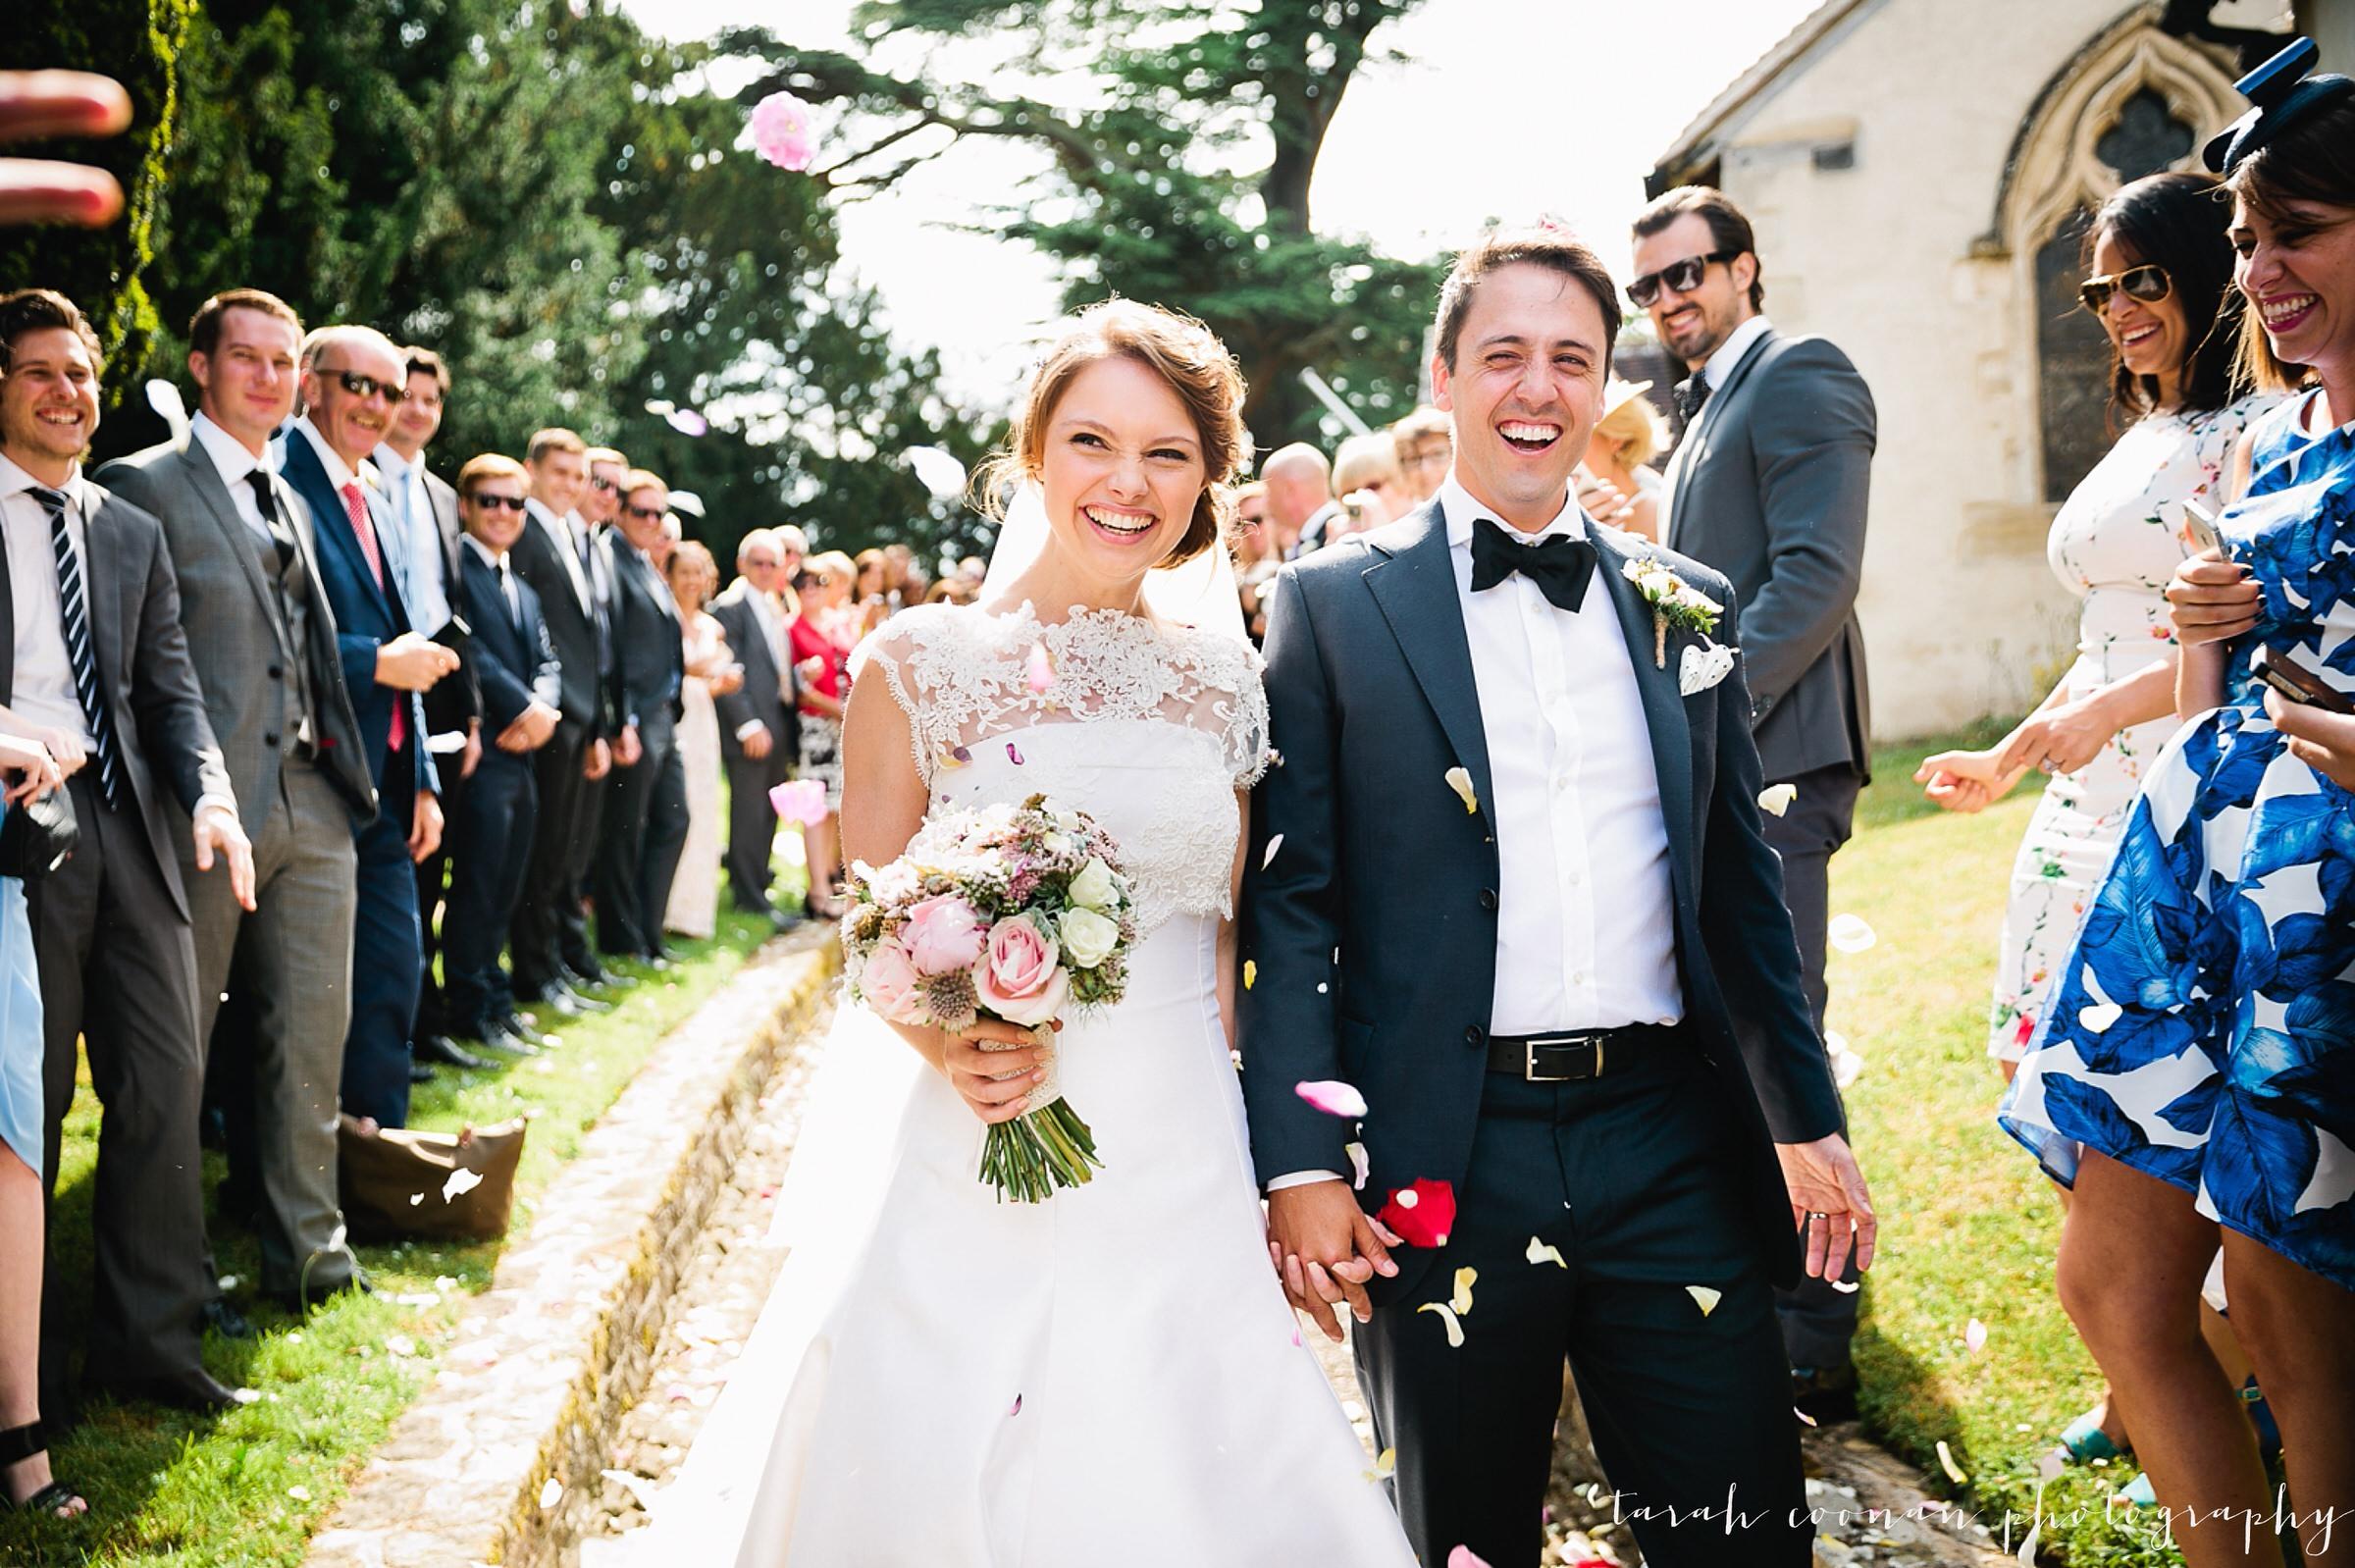 RHS Wisley wedding photographer - Rachel & Jack